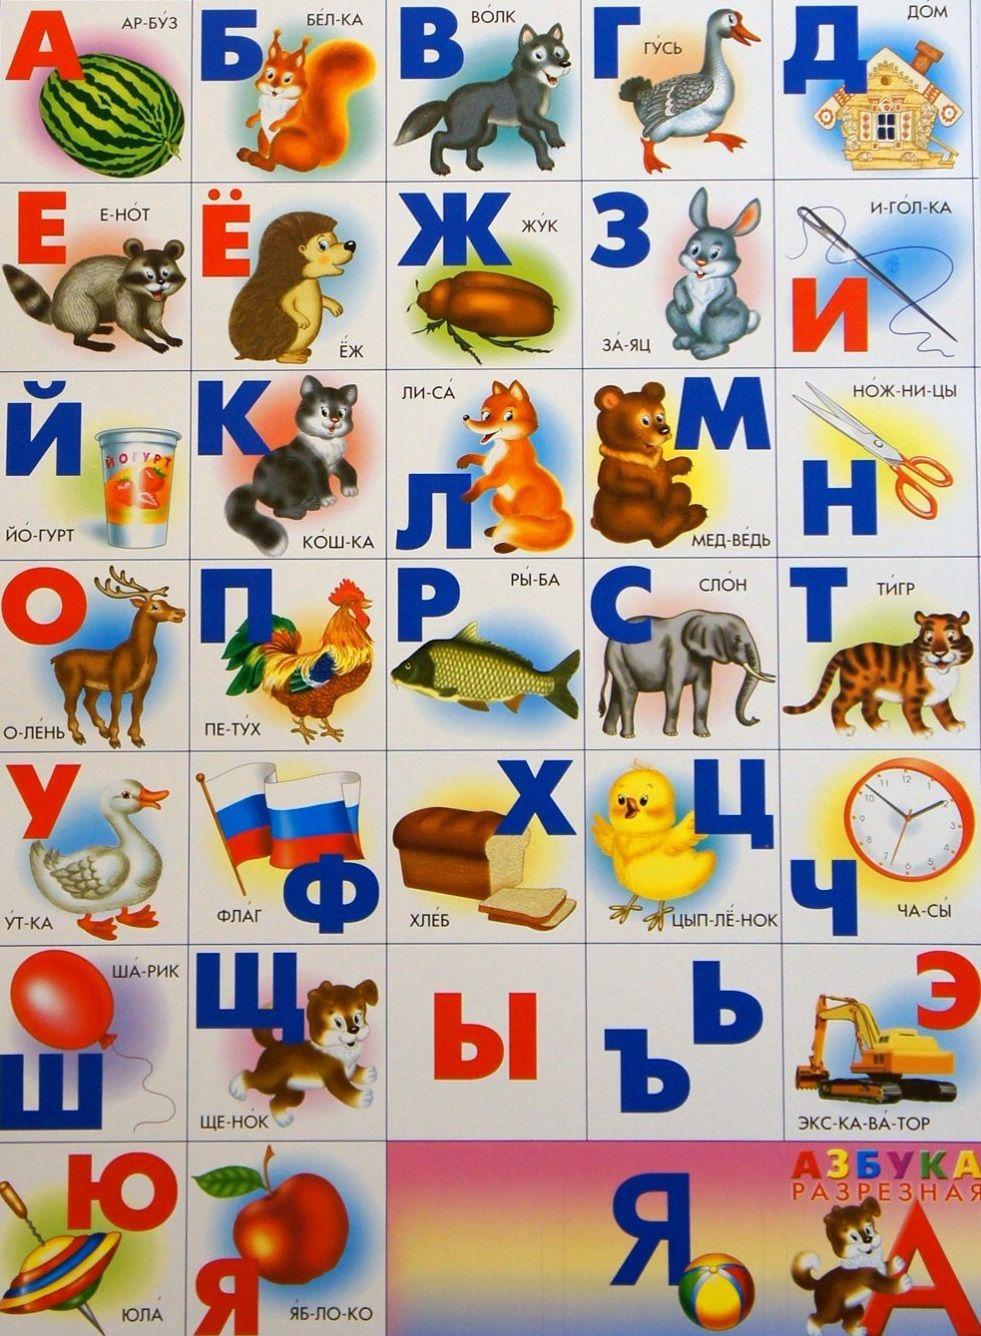 гранта алфавит с предметными картинками есть такая возможность